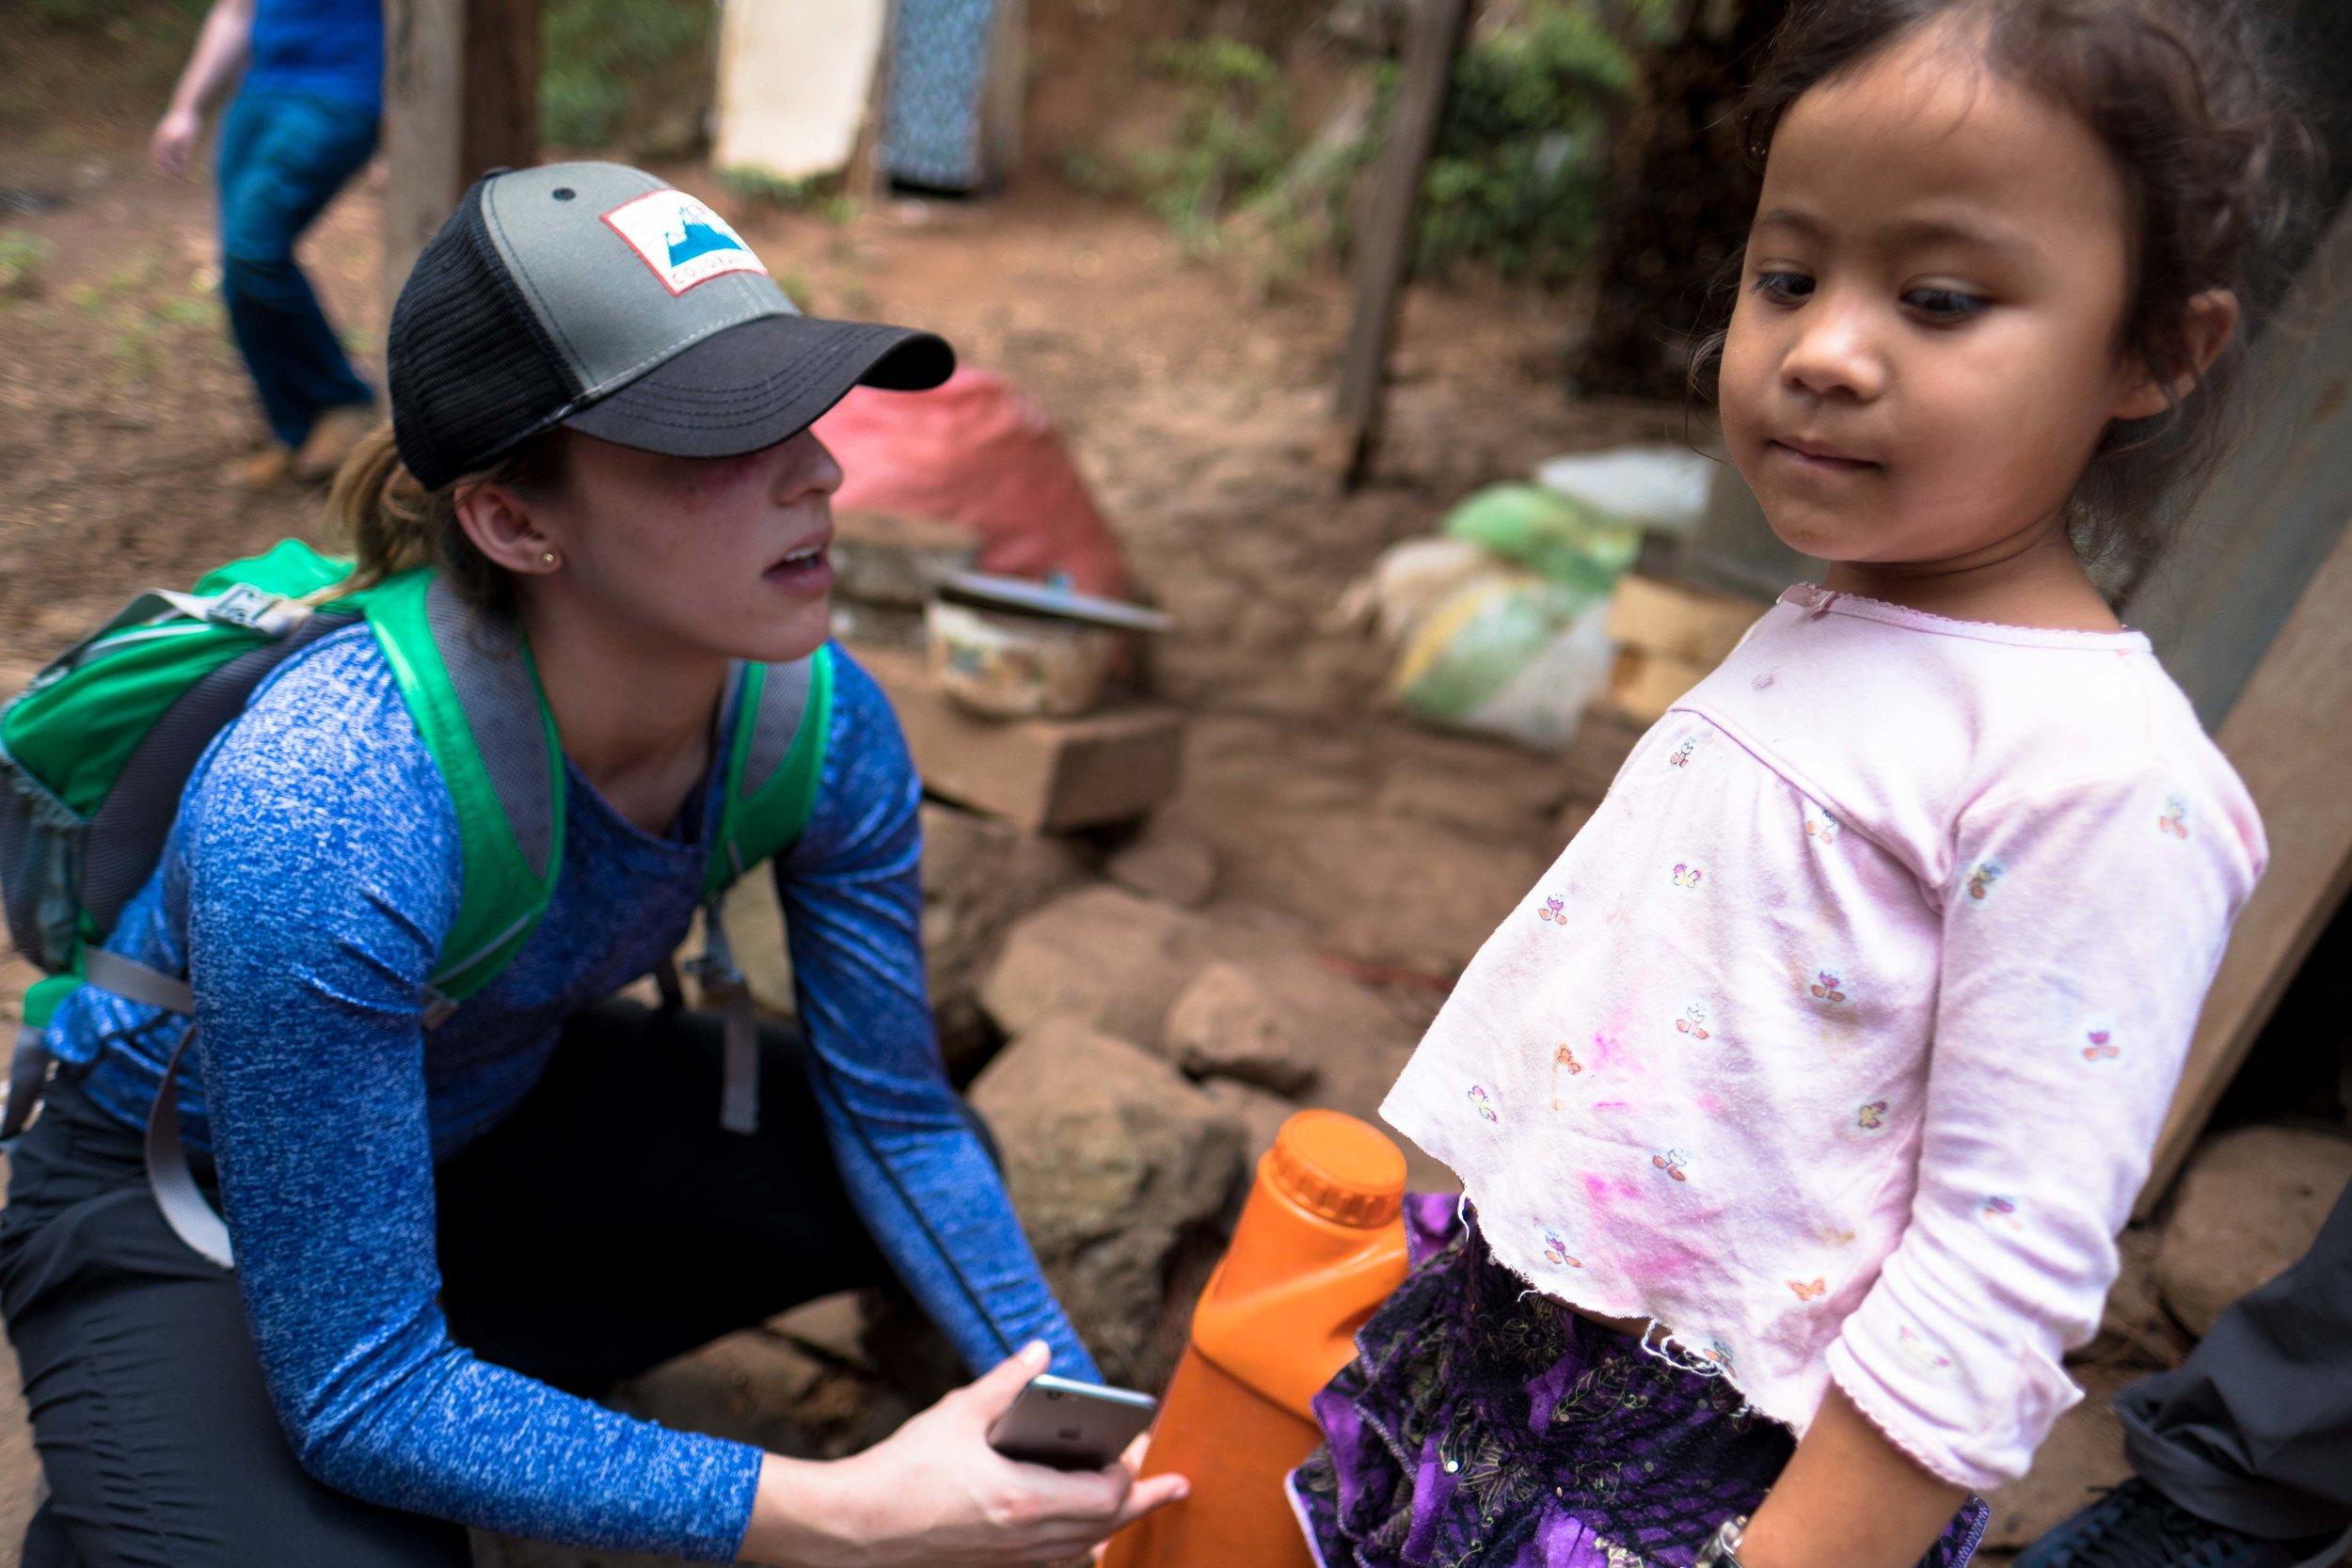 Honduras 18 day 2 Noey and little girl.jpg